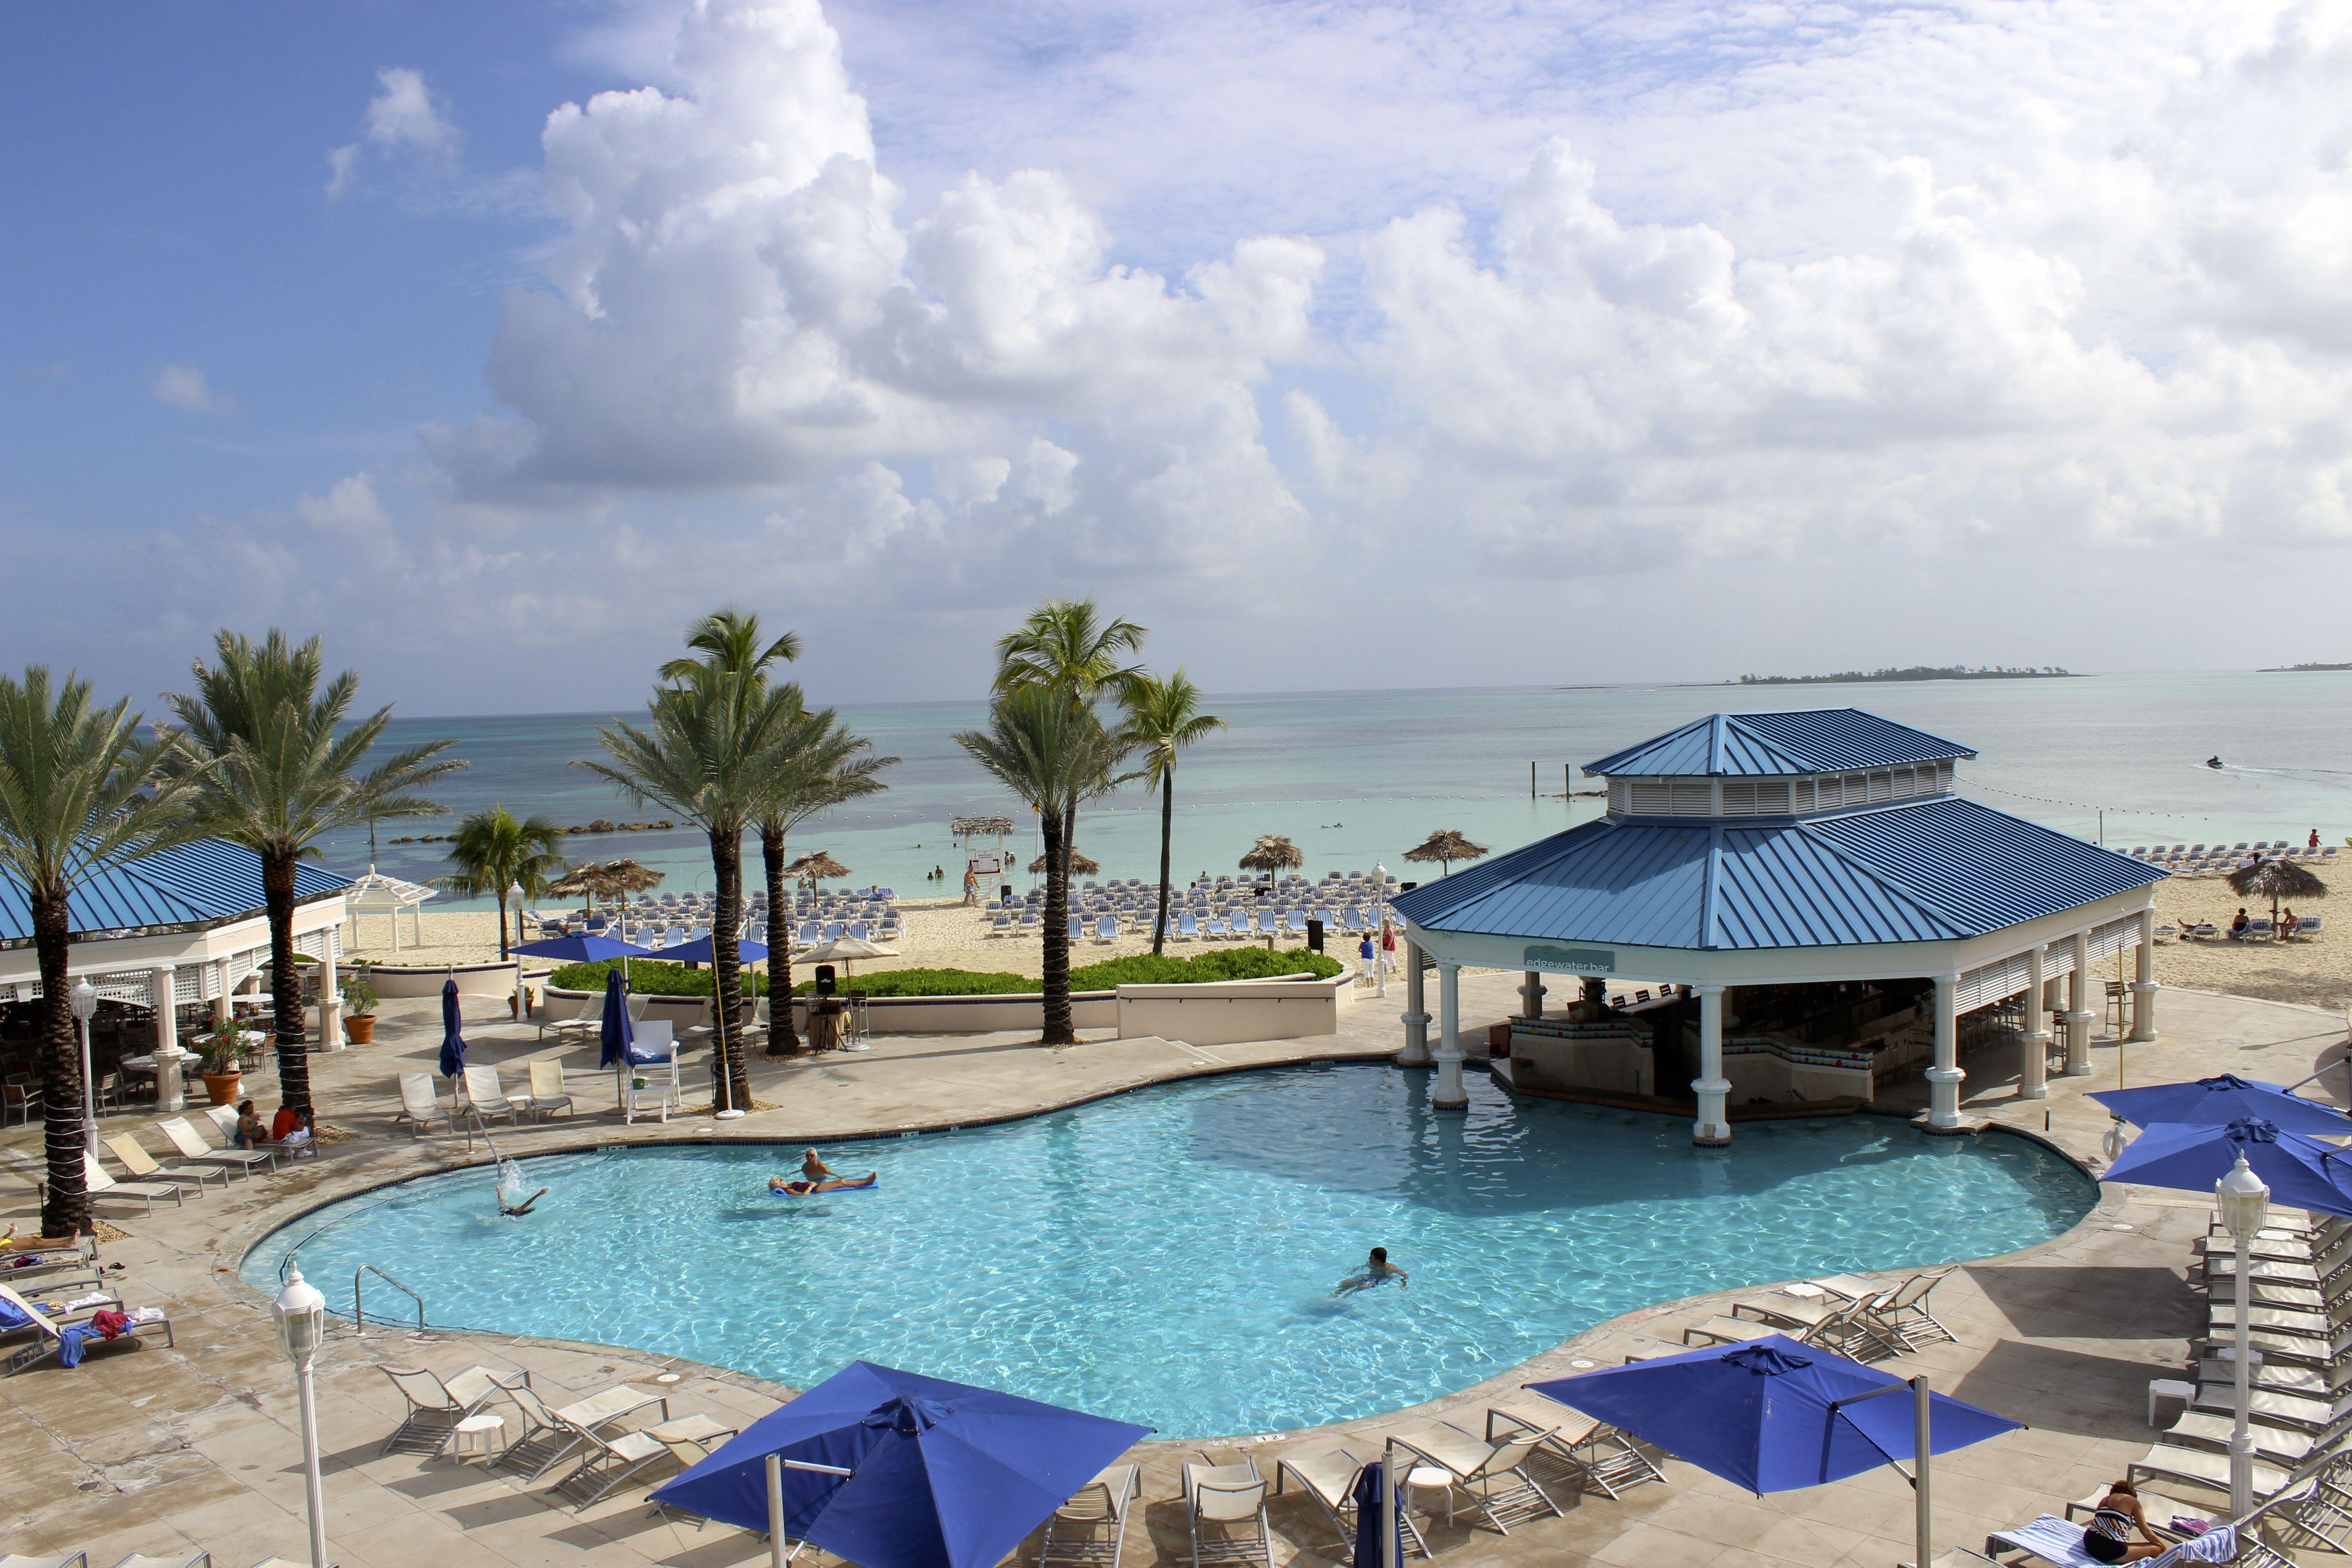 Melia Beach Bahamas The Best Beaches In World 635978715366449666 Arizona Biltmore 9 Jpg Sheraton Nau Resort Day P